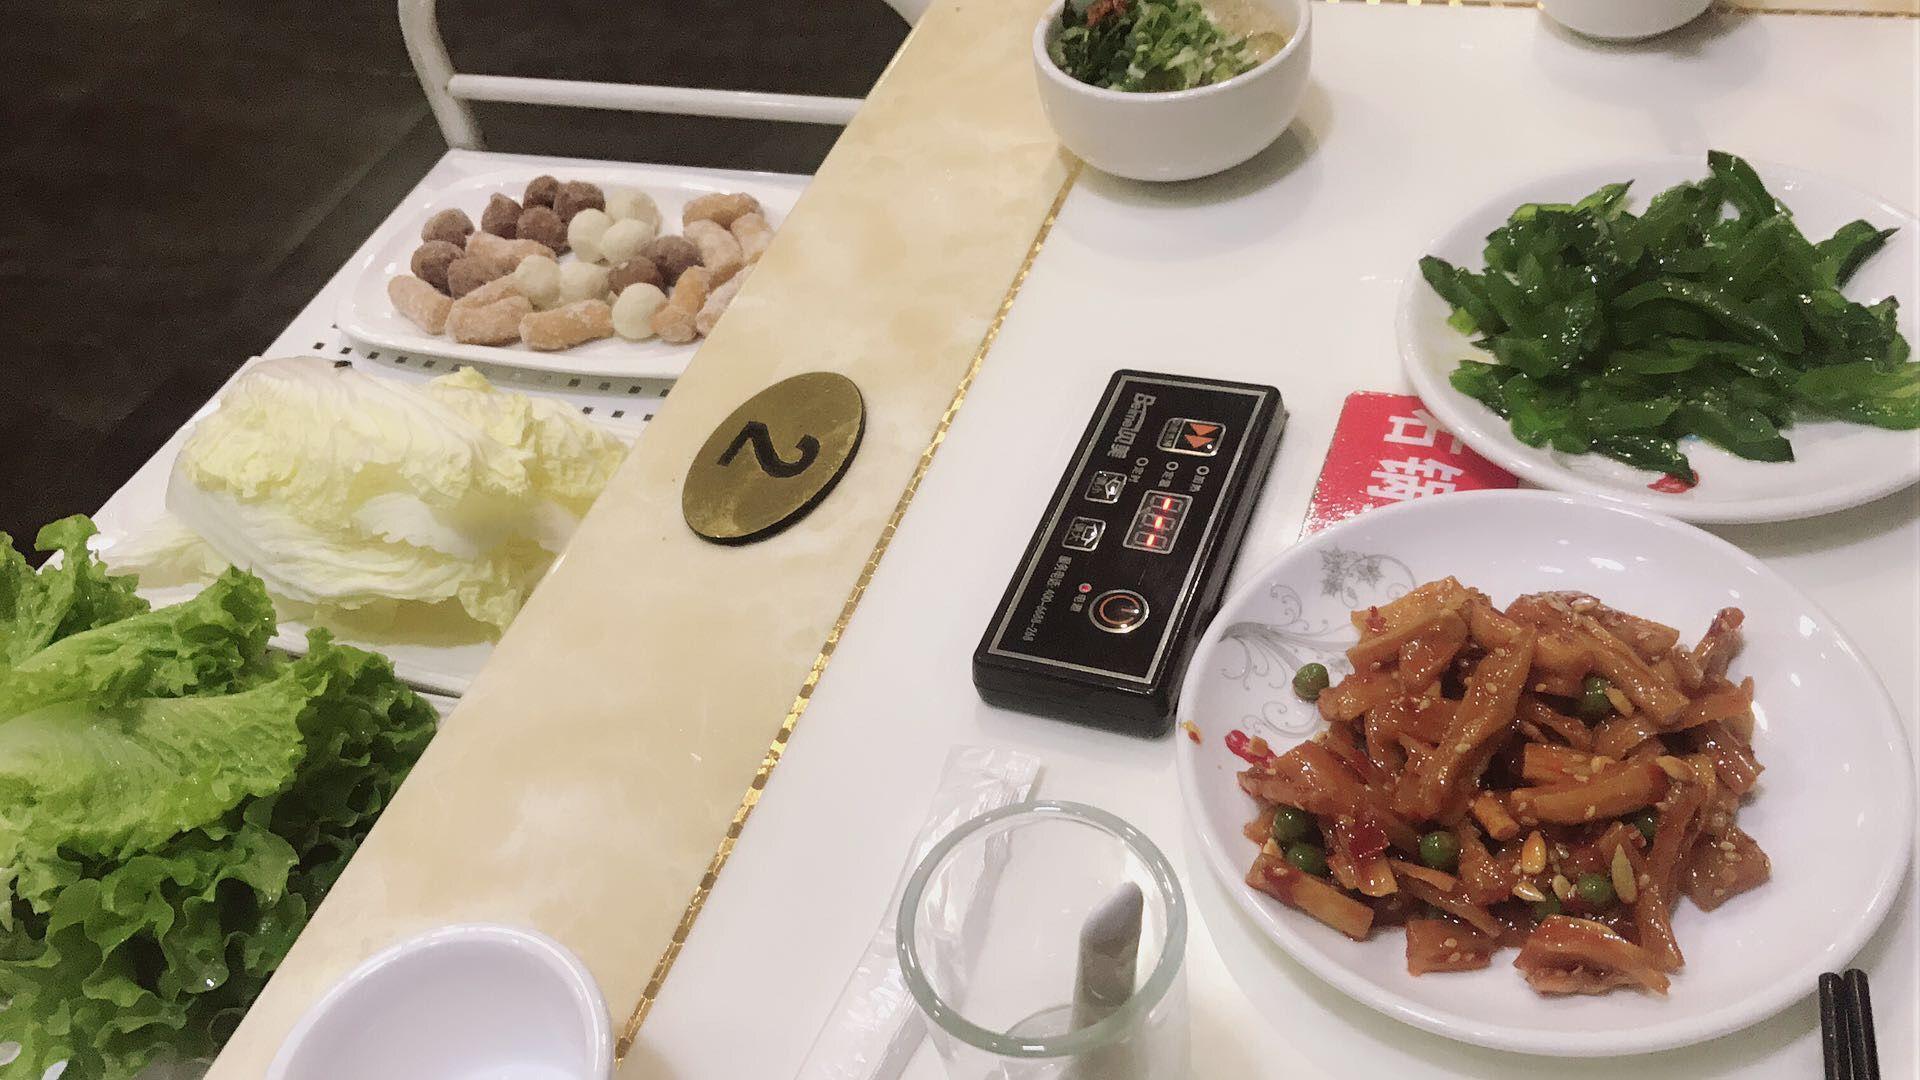 重庆石锅鱼老火锅重庆石锅鱼老火锅2人餐 青岛美团网